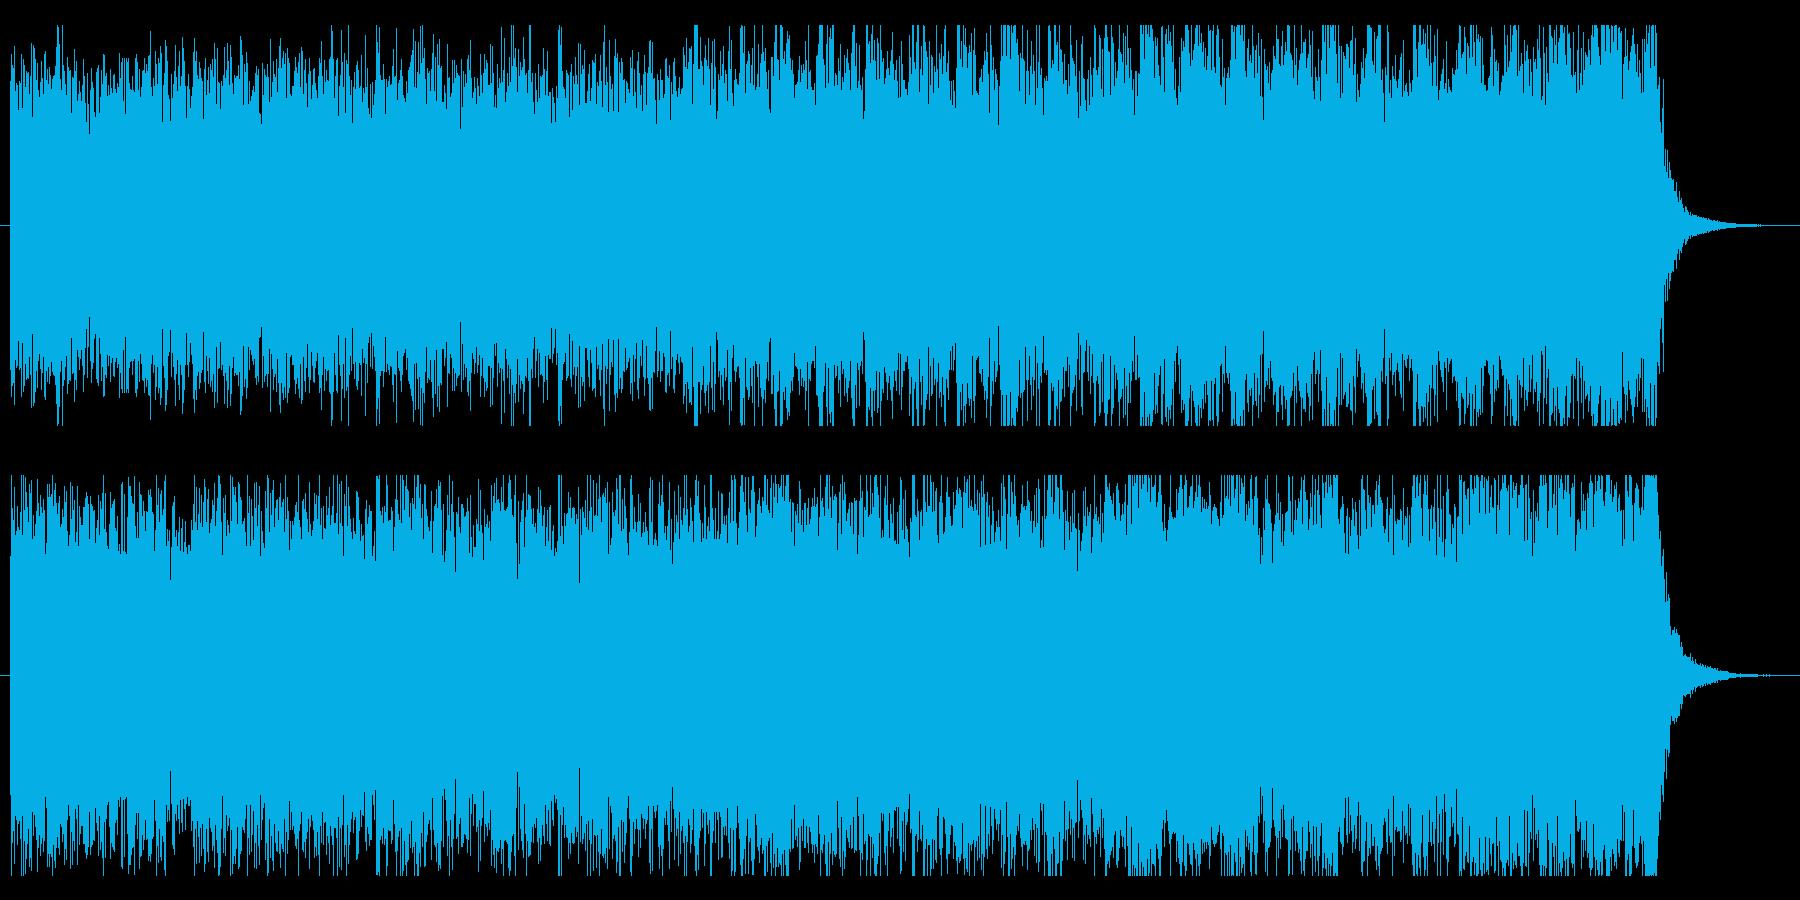 【オーケストラ】壮大で緊迫感のある曲 2の再生済みの波形